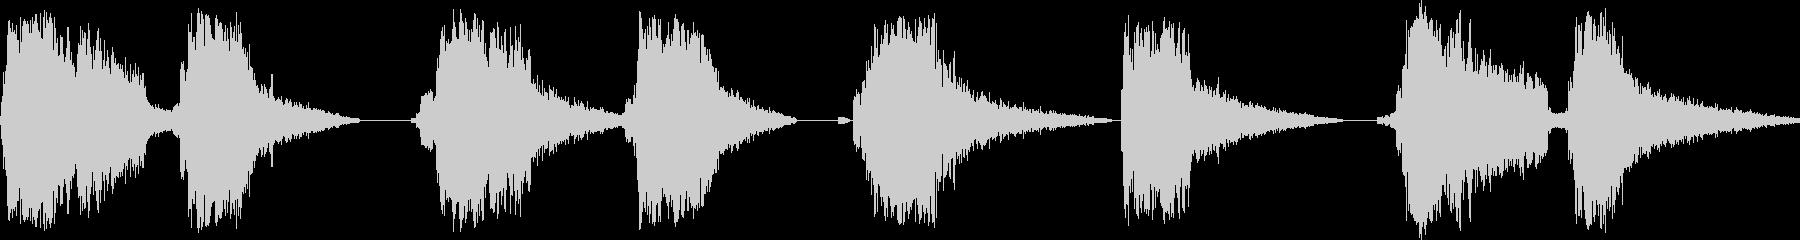 刀の連続素振りの未再生の波形